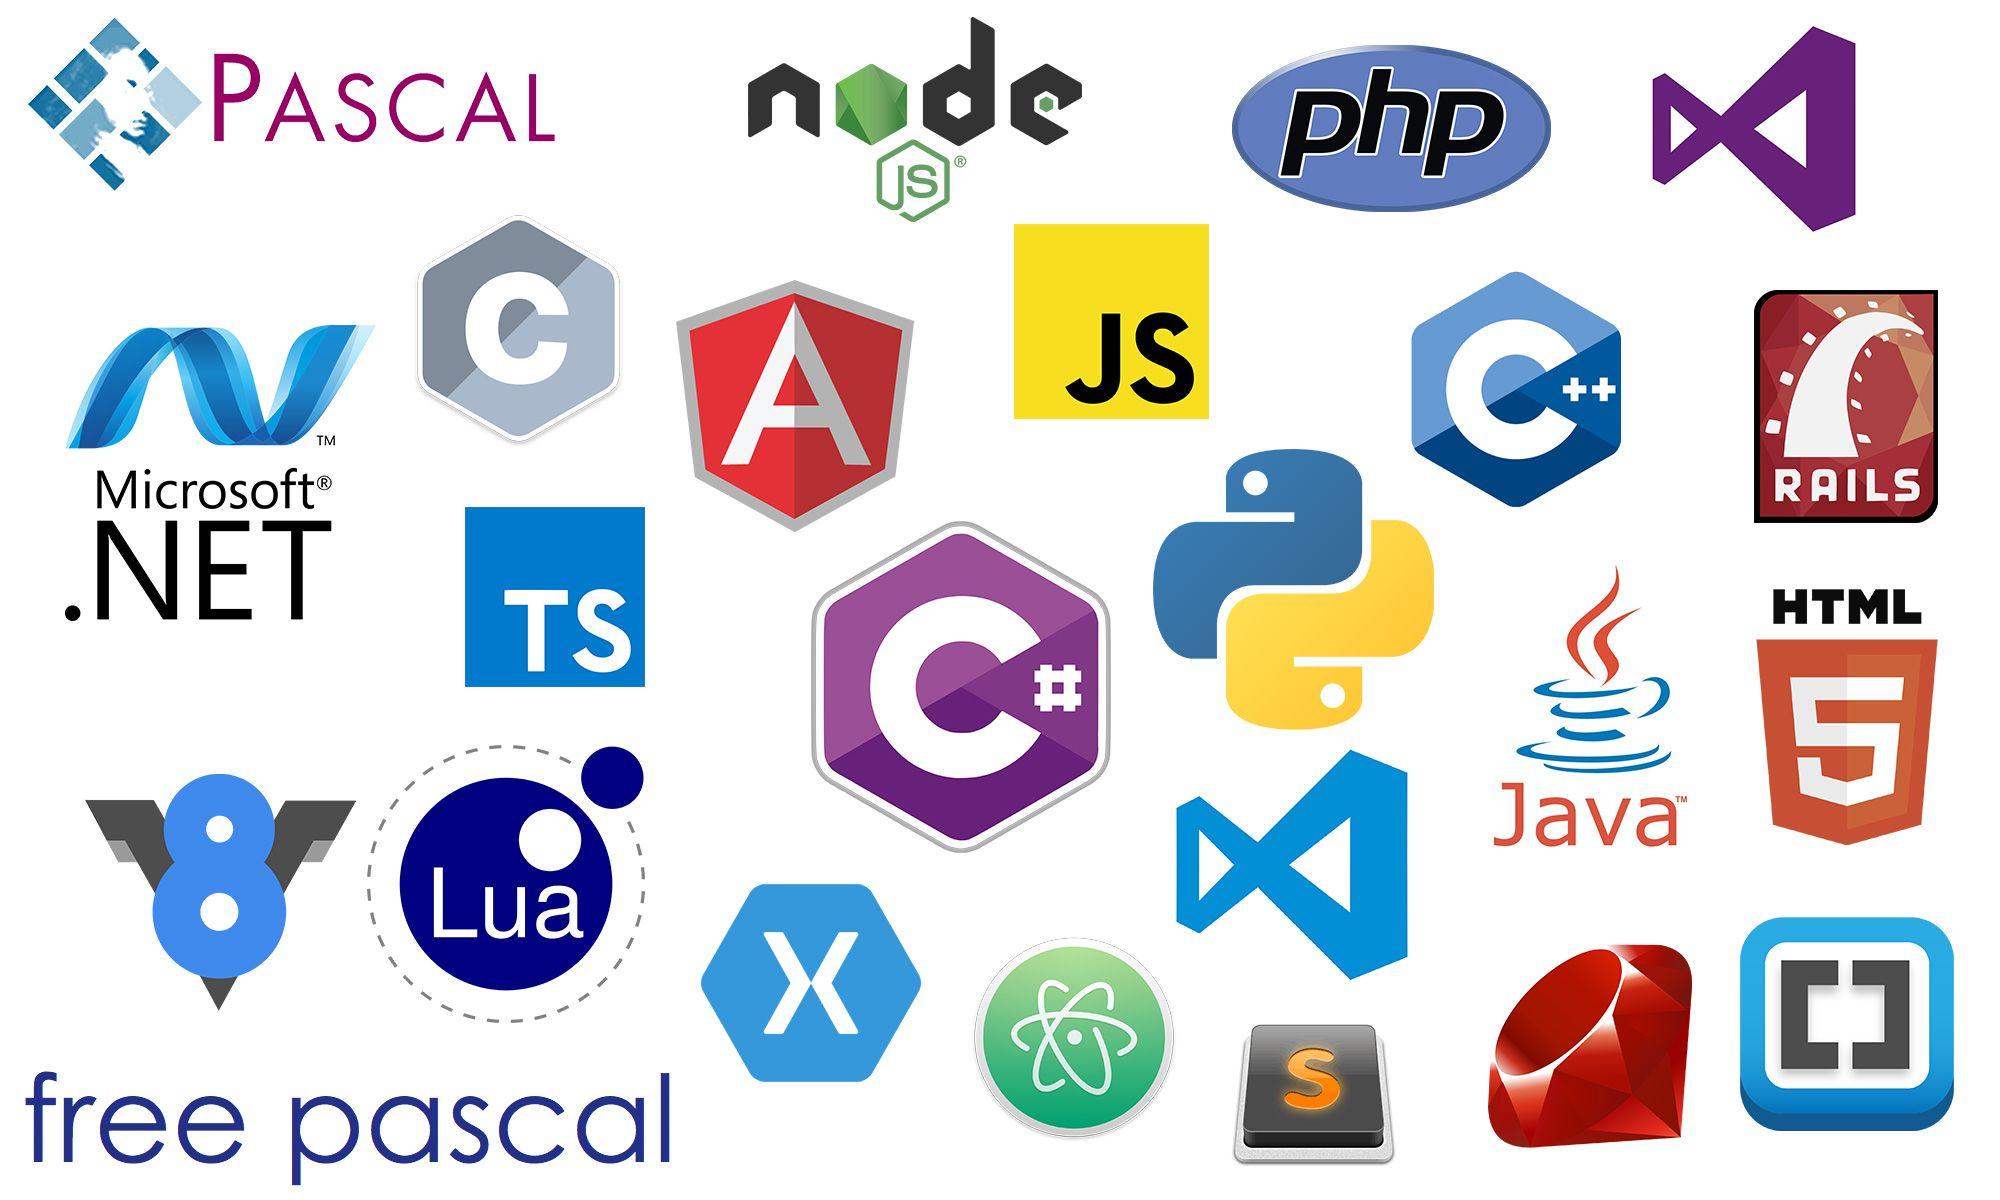 mejores-lenguajes-de-programacion-2018